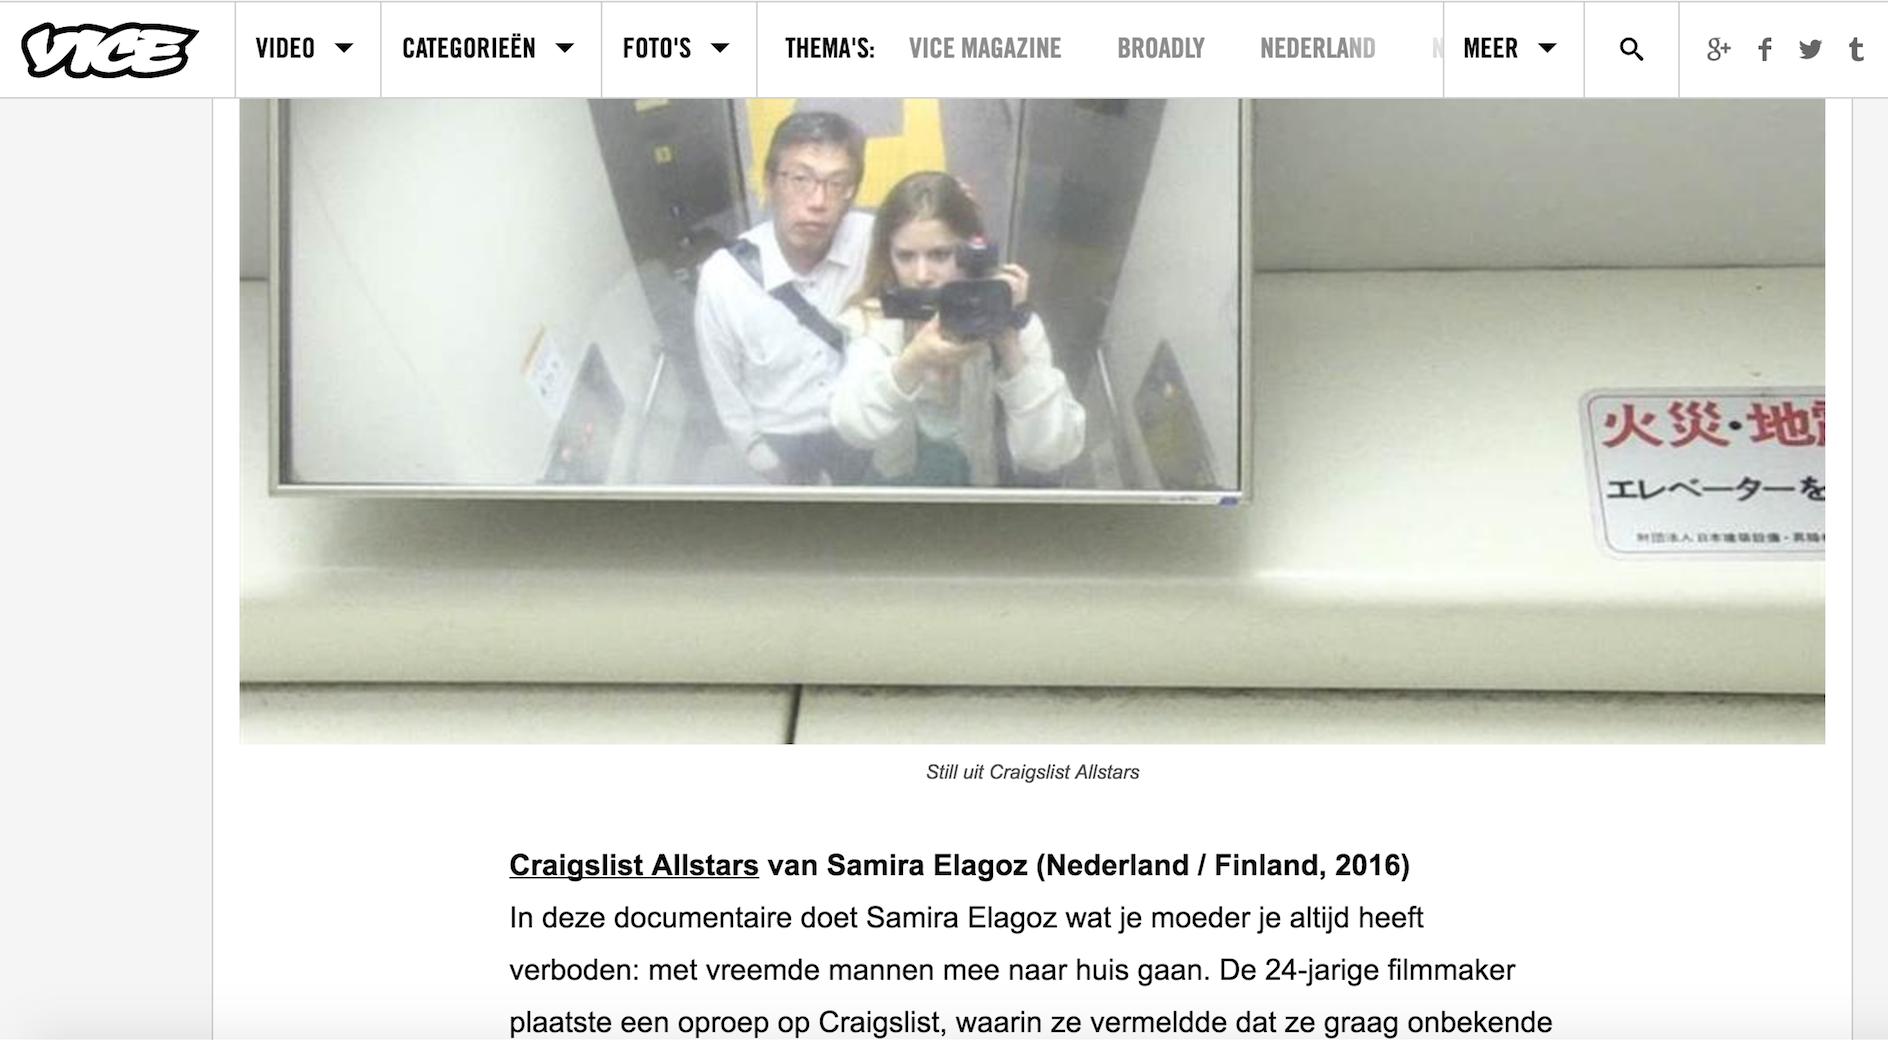 VICE has listed Craigslist Allstars as one of their favourite IDFA-films <3   http://www.vice.com/nl/read/een-overzicht-van-onze-favoriete-idfa-films-gemaakt-door-mensen-met-een-vagina-321